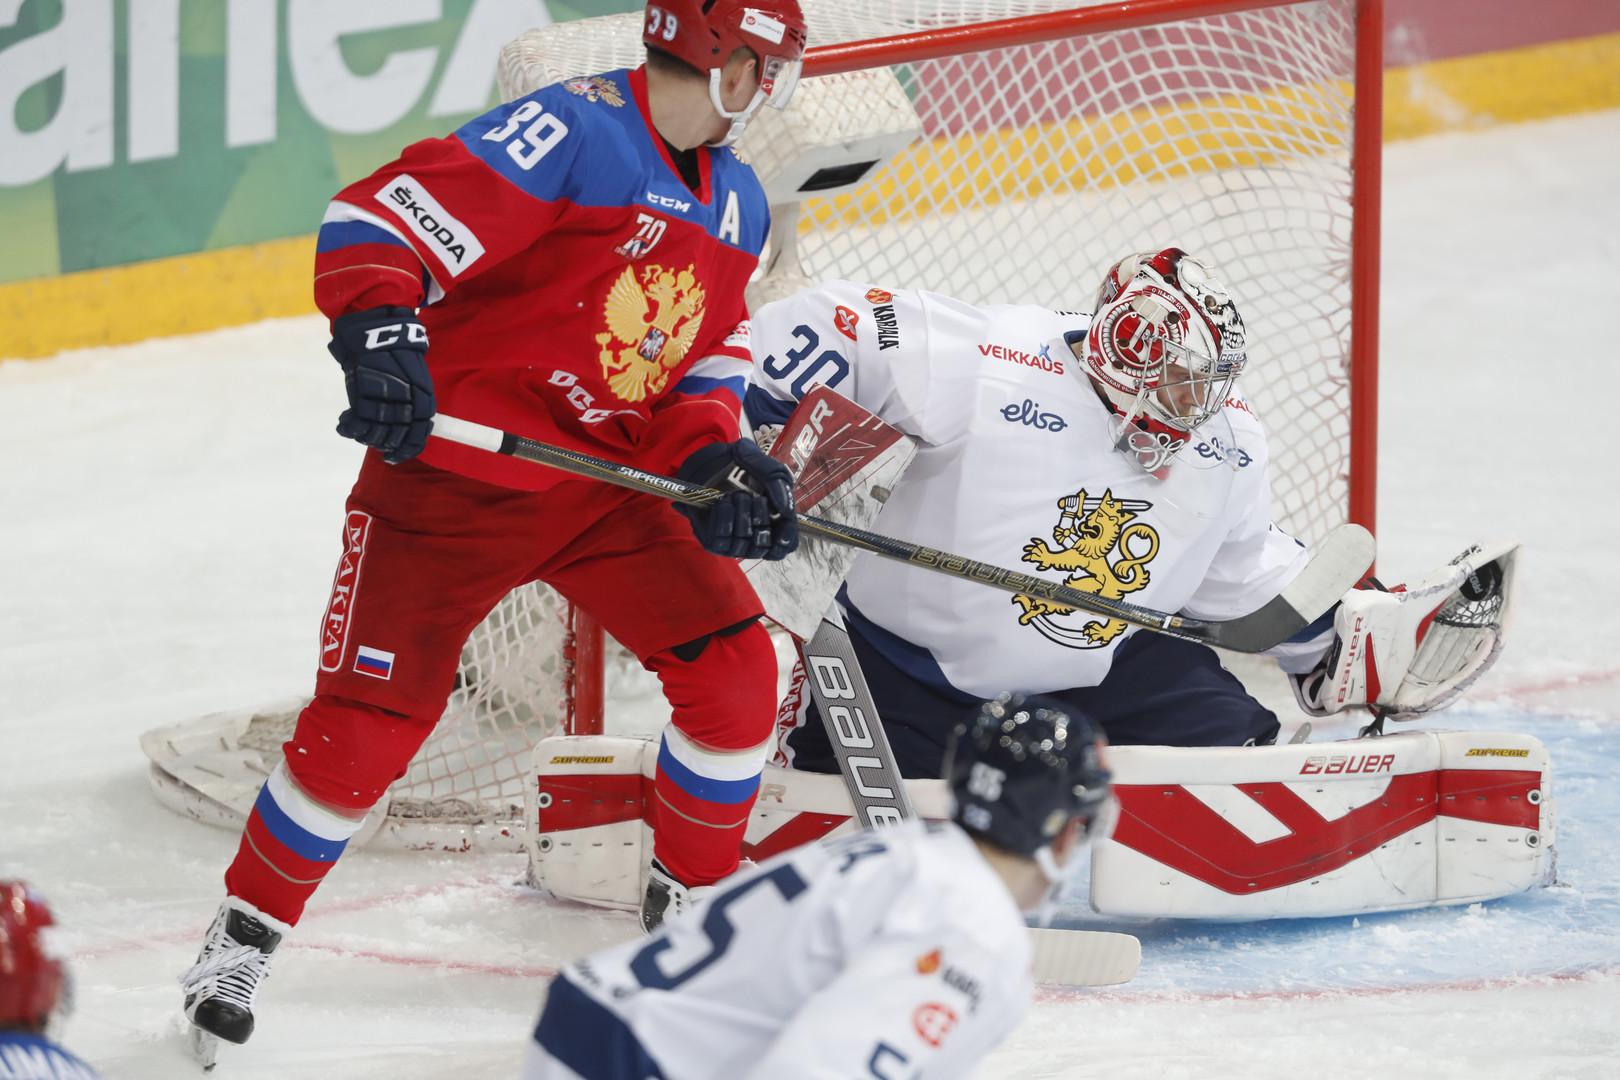 Победа на флажке: Россия в концовке выиграла у Финляндии в рамках Еврохоккейтура